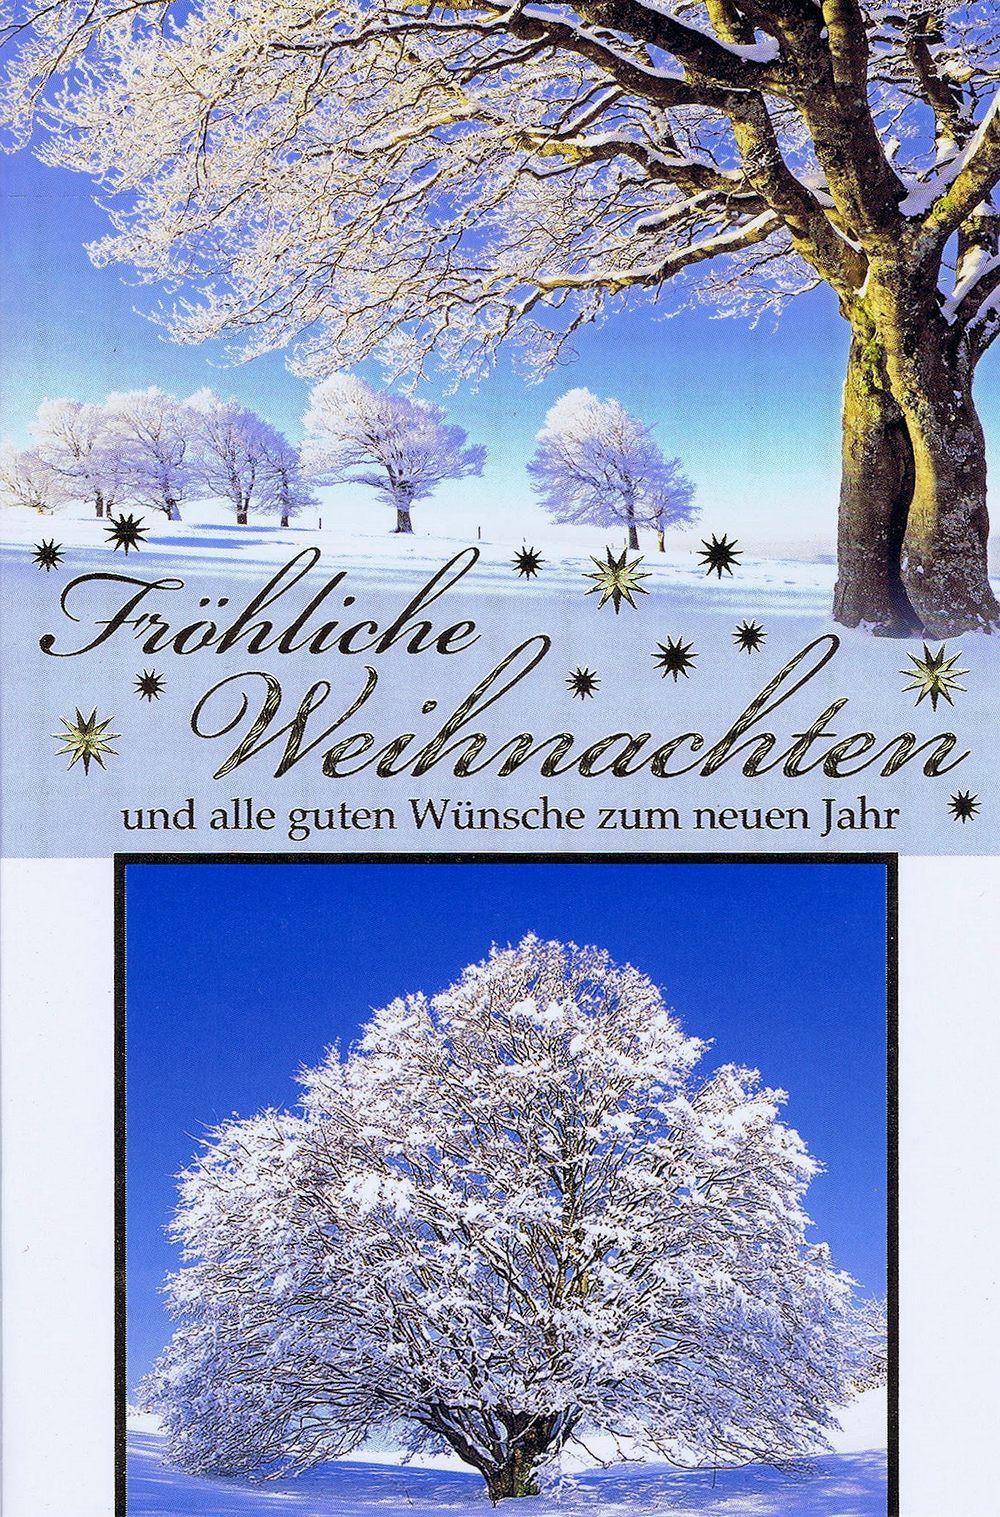 Weihnachtskarte Motiv: Winterlandschaft 224128